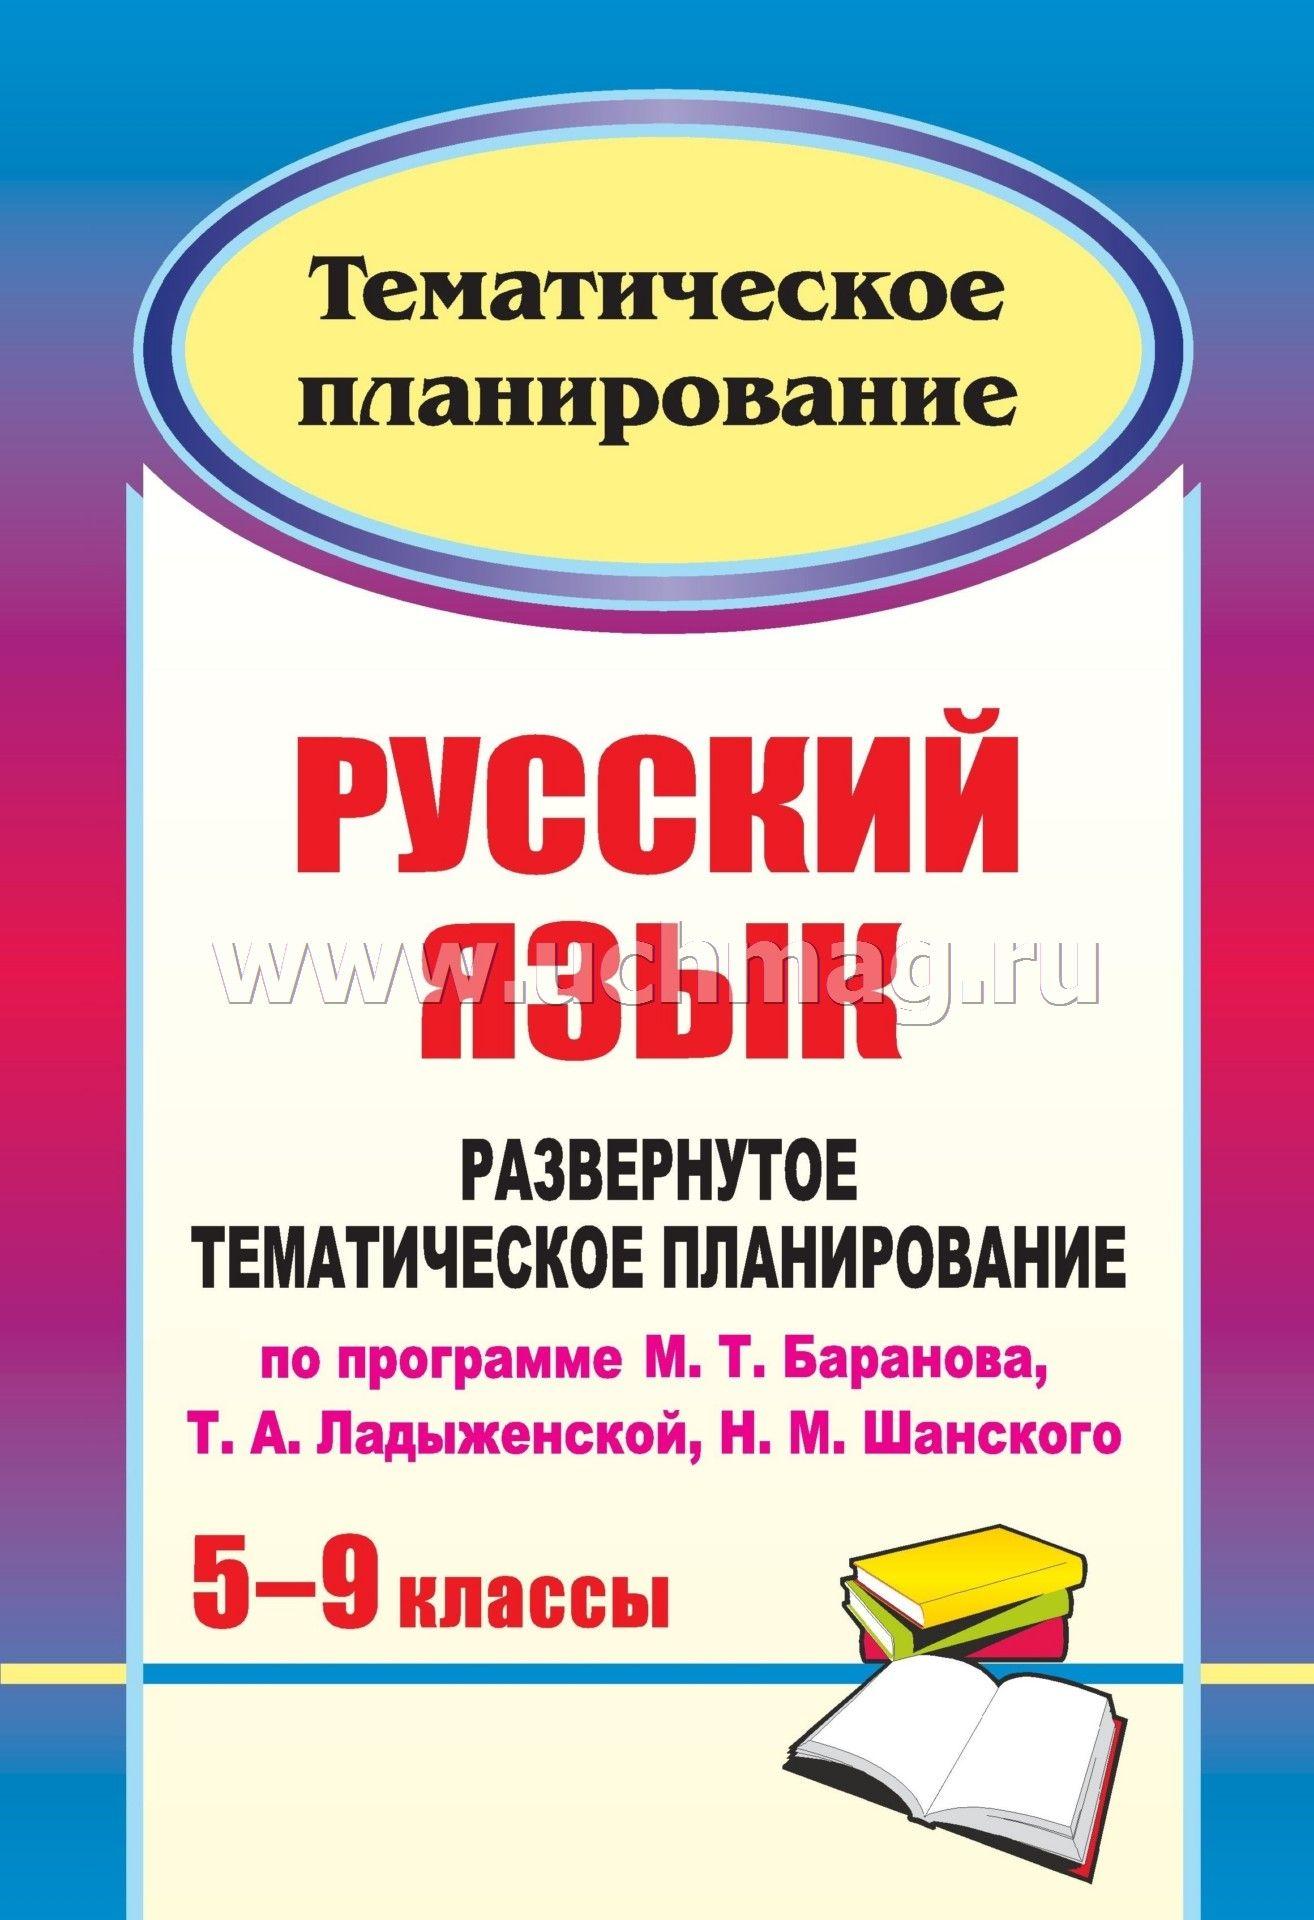 Скачать рабочие программы по русскому языку баранова